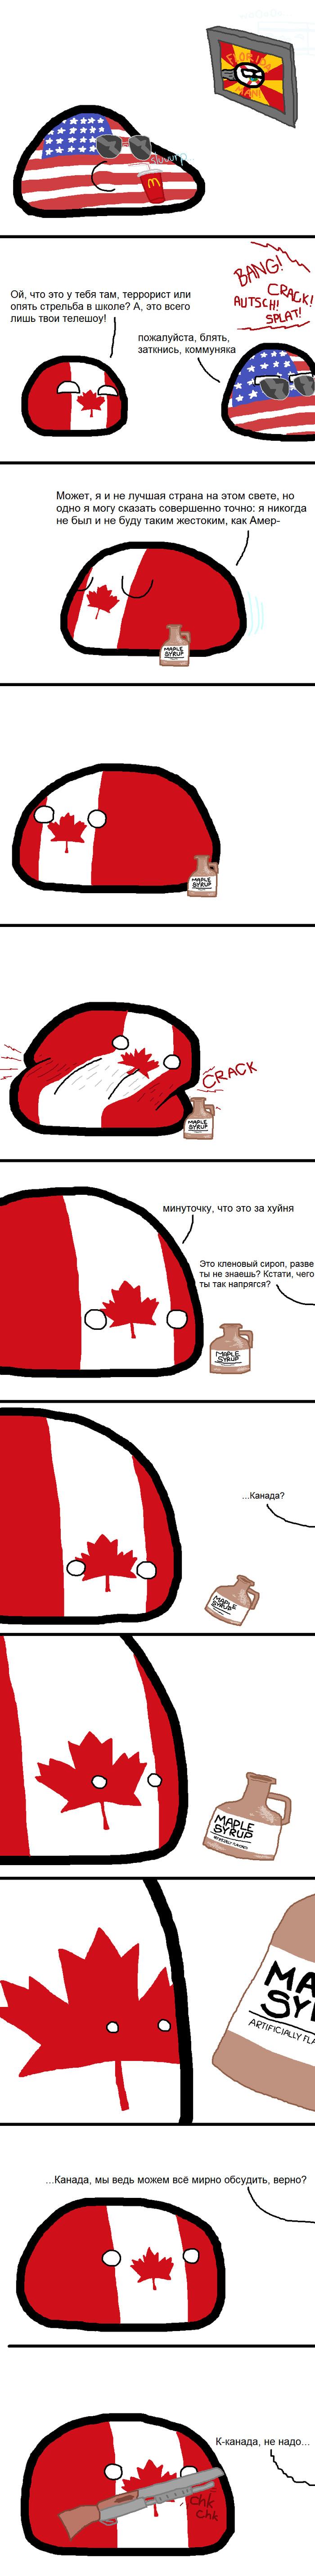 Искусственный кленовый сироп Countryballs, США, Канада, Кленовый сироп, Длиннопост, Мат